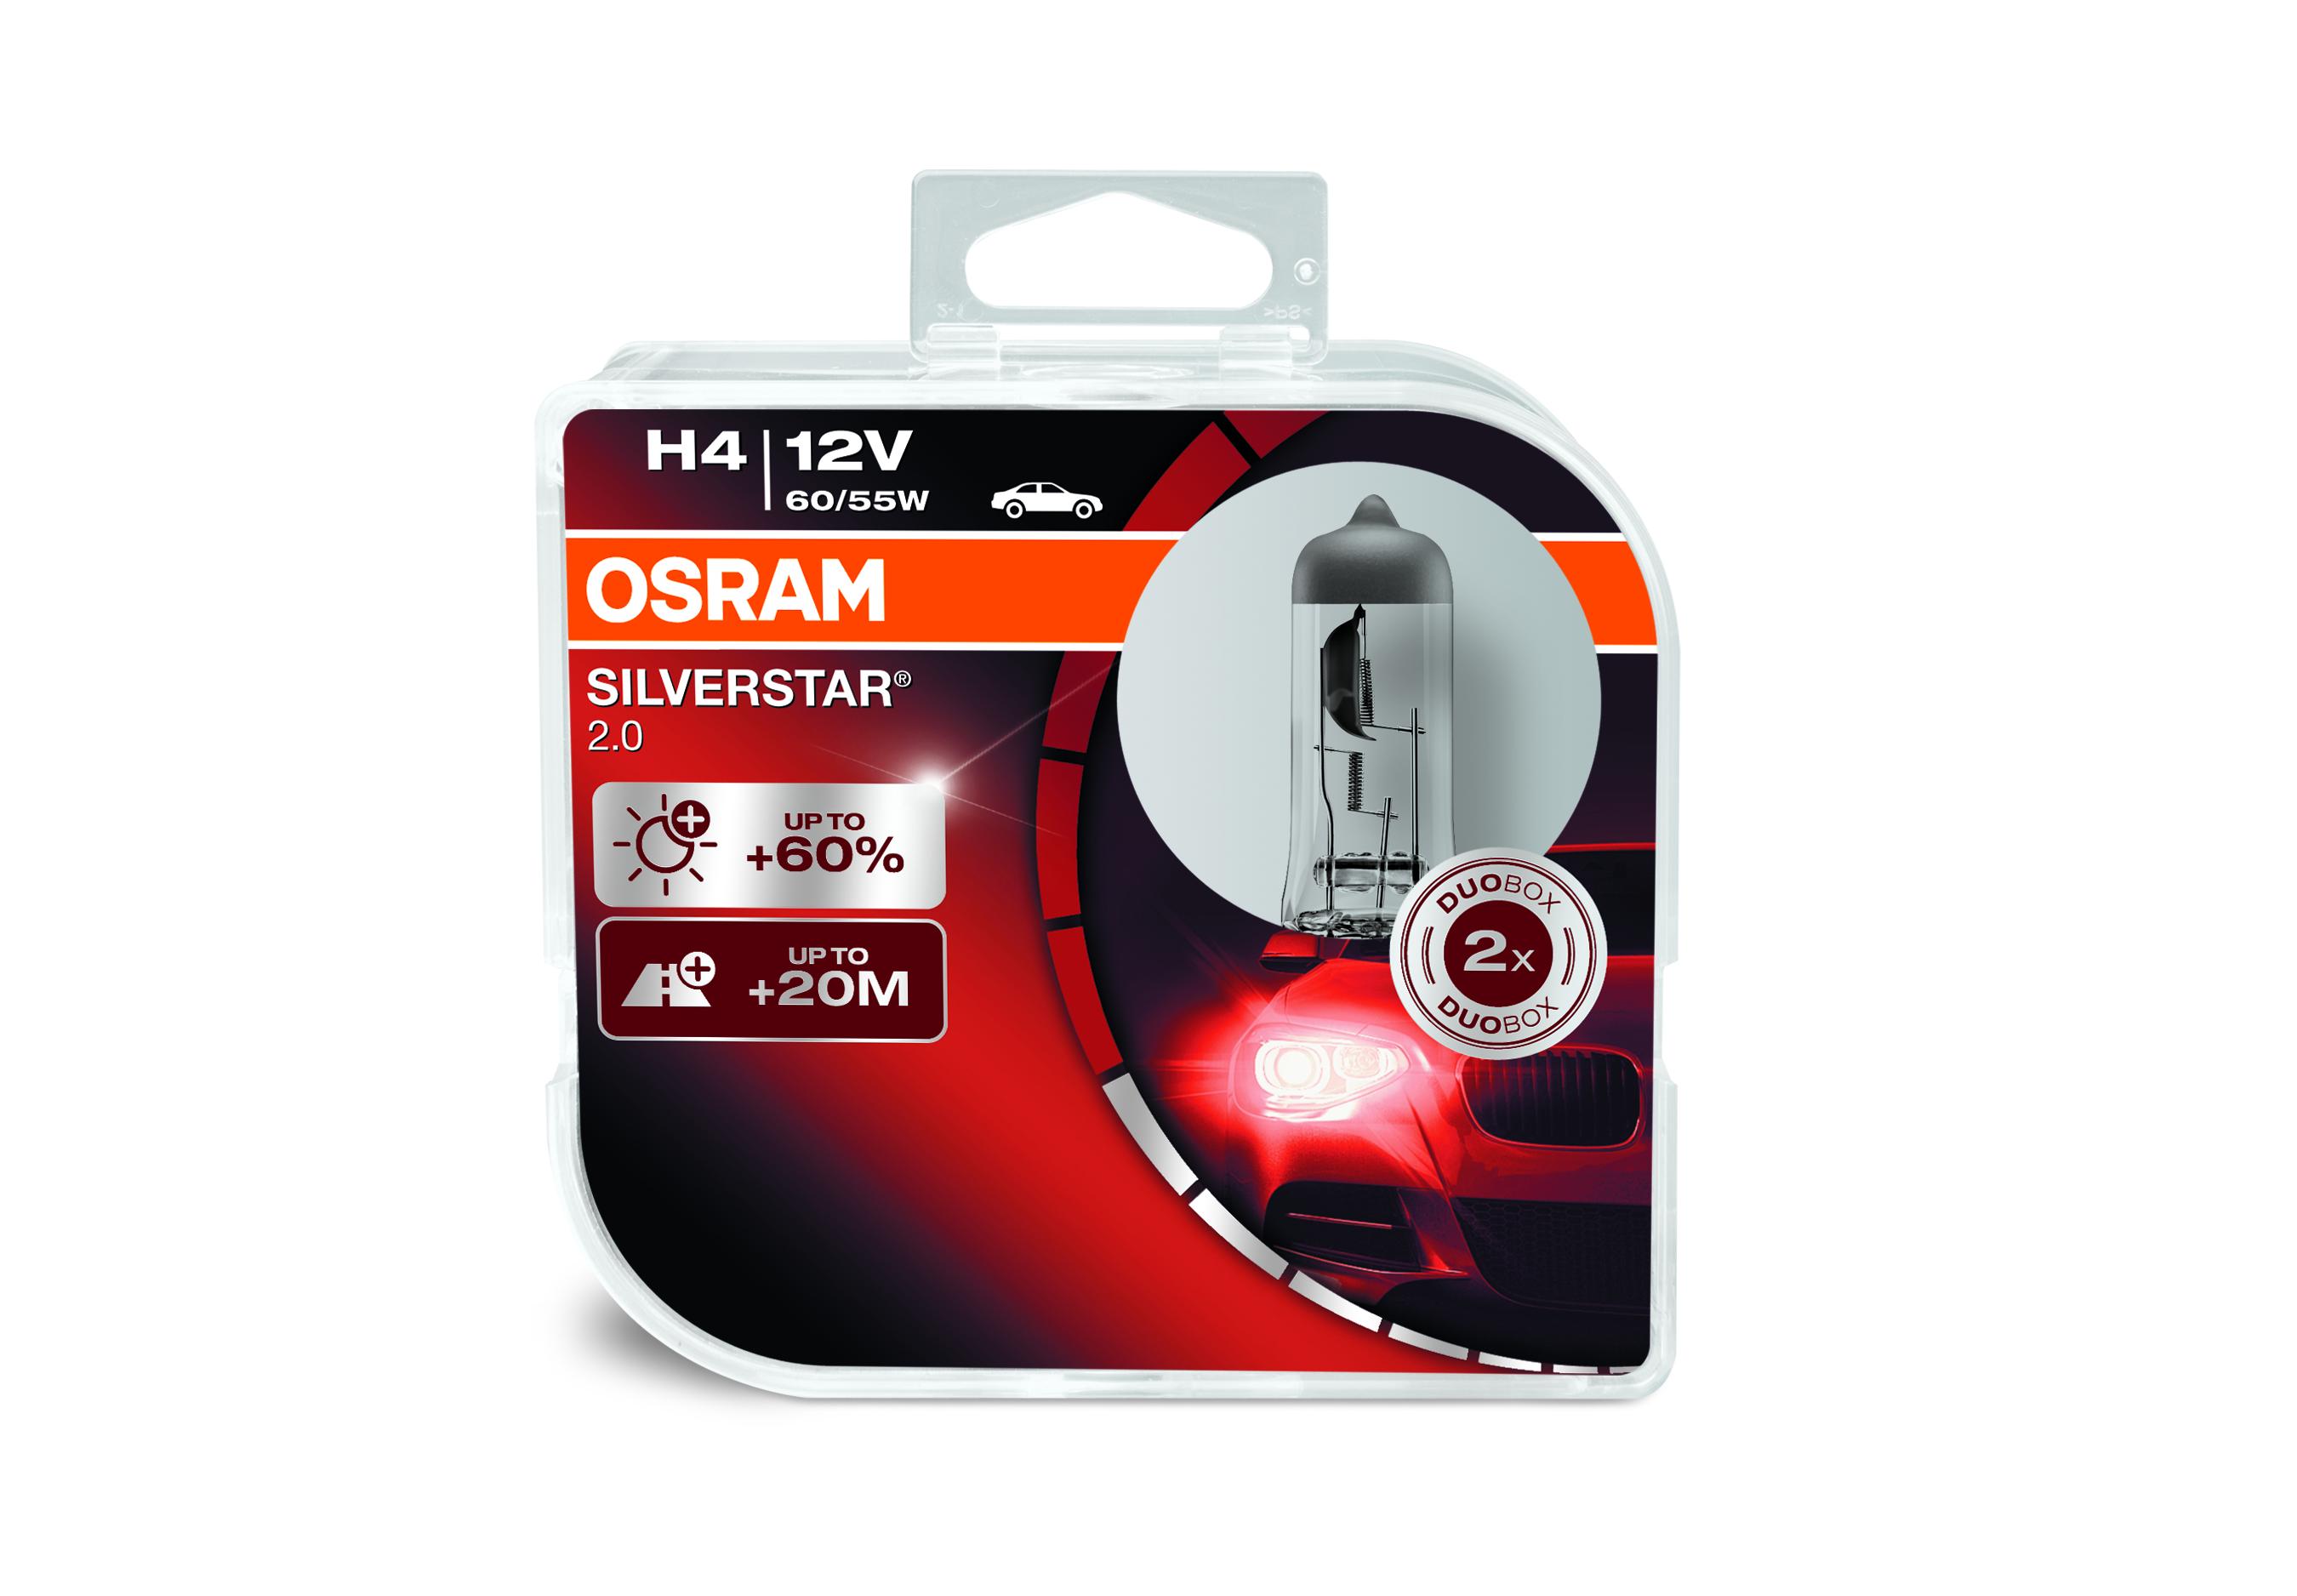 Osram halogenová žárovka, SILVERSTAR 2, H4, P43t, 12V, 60/55W, 64193SV2-HCB